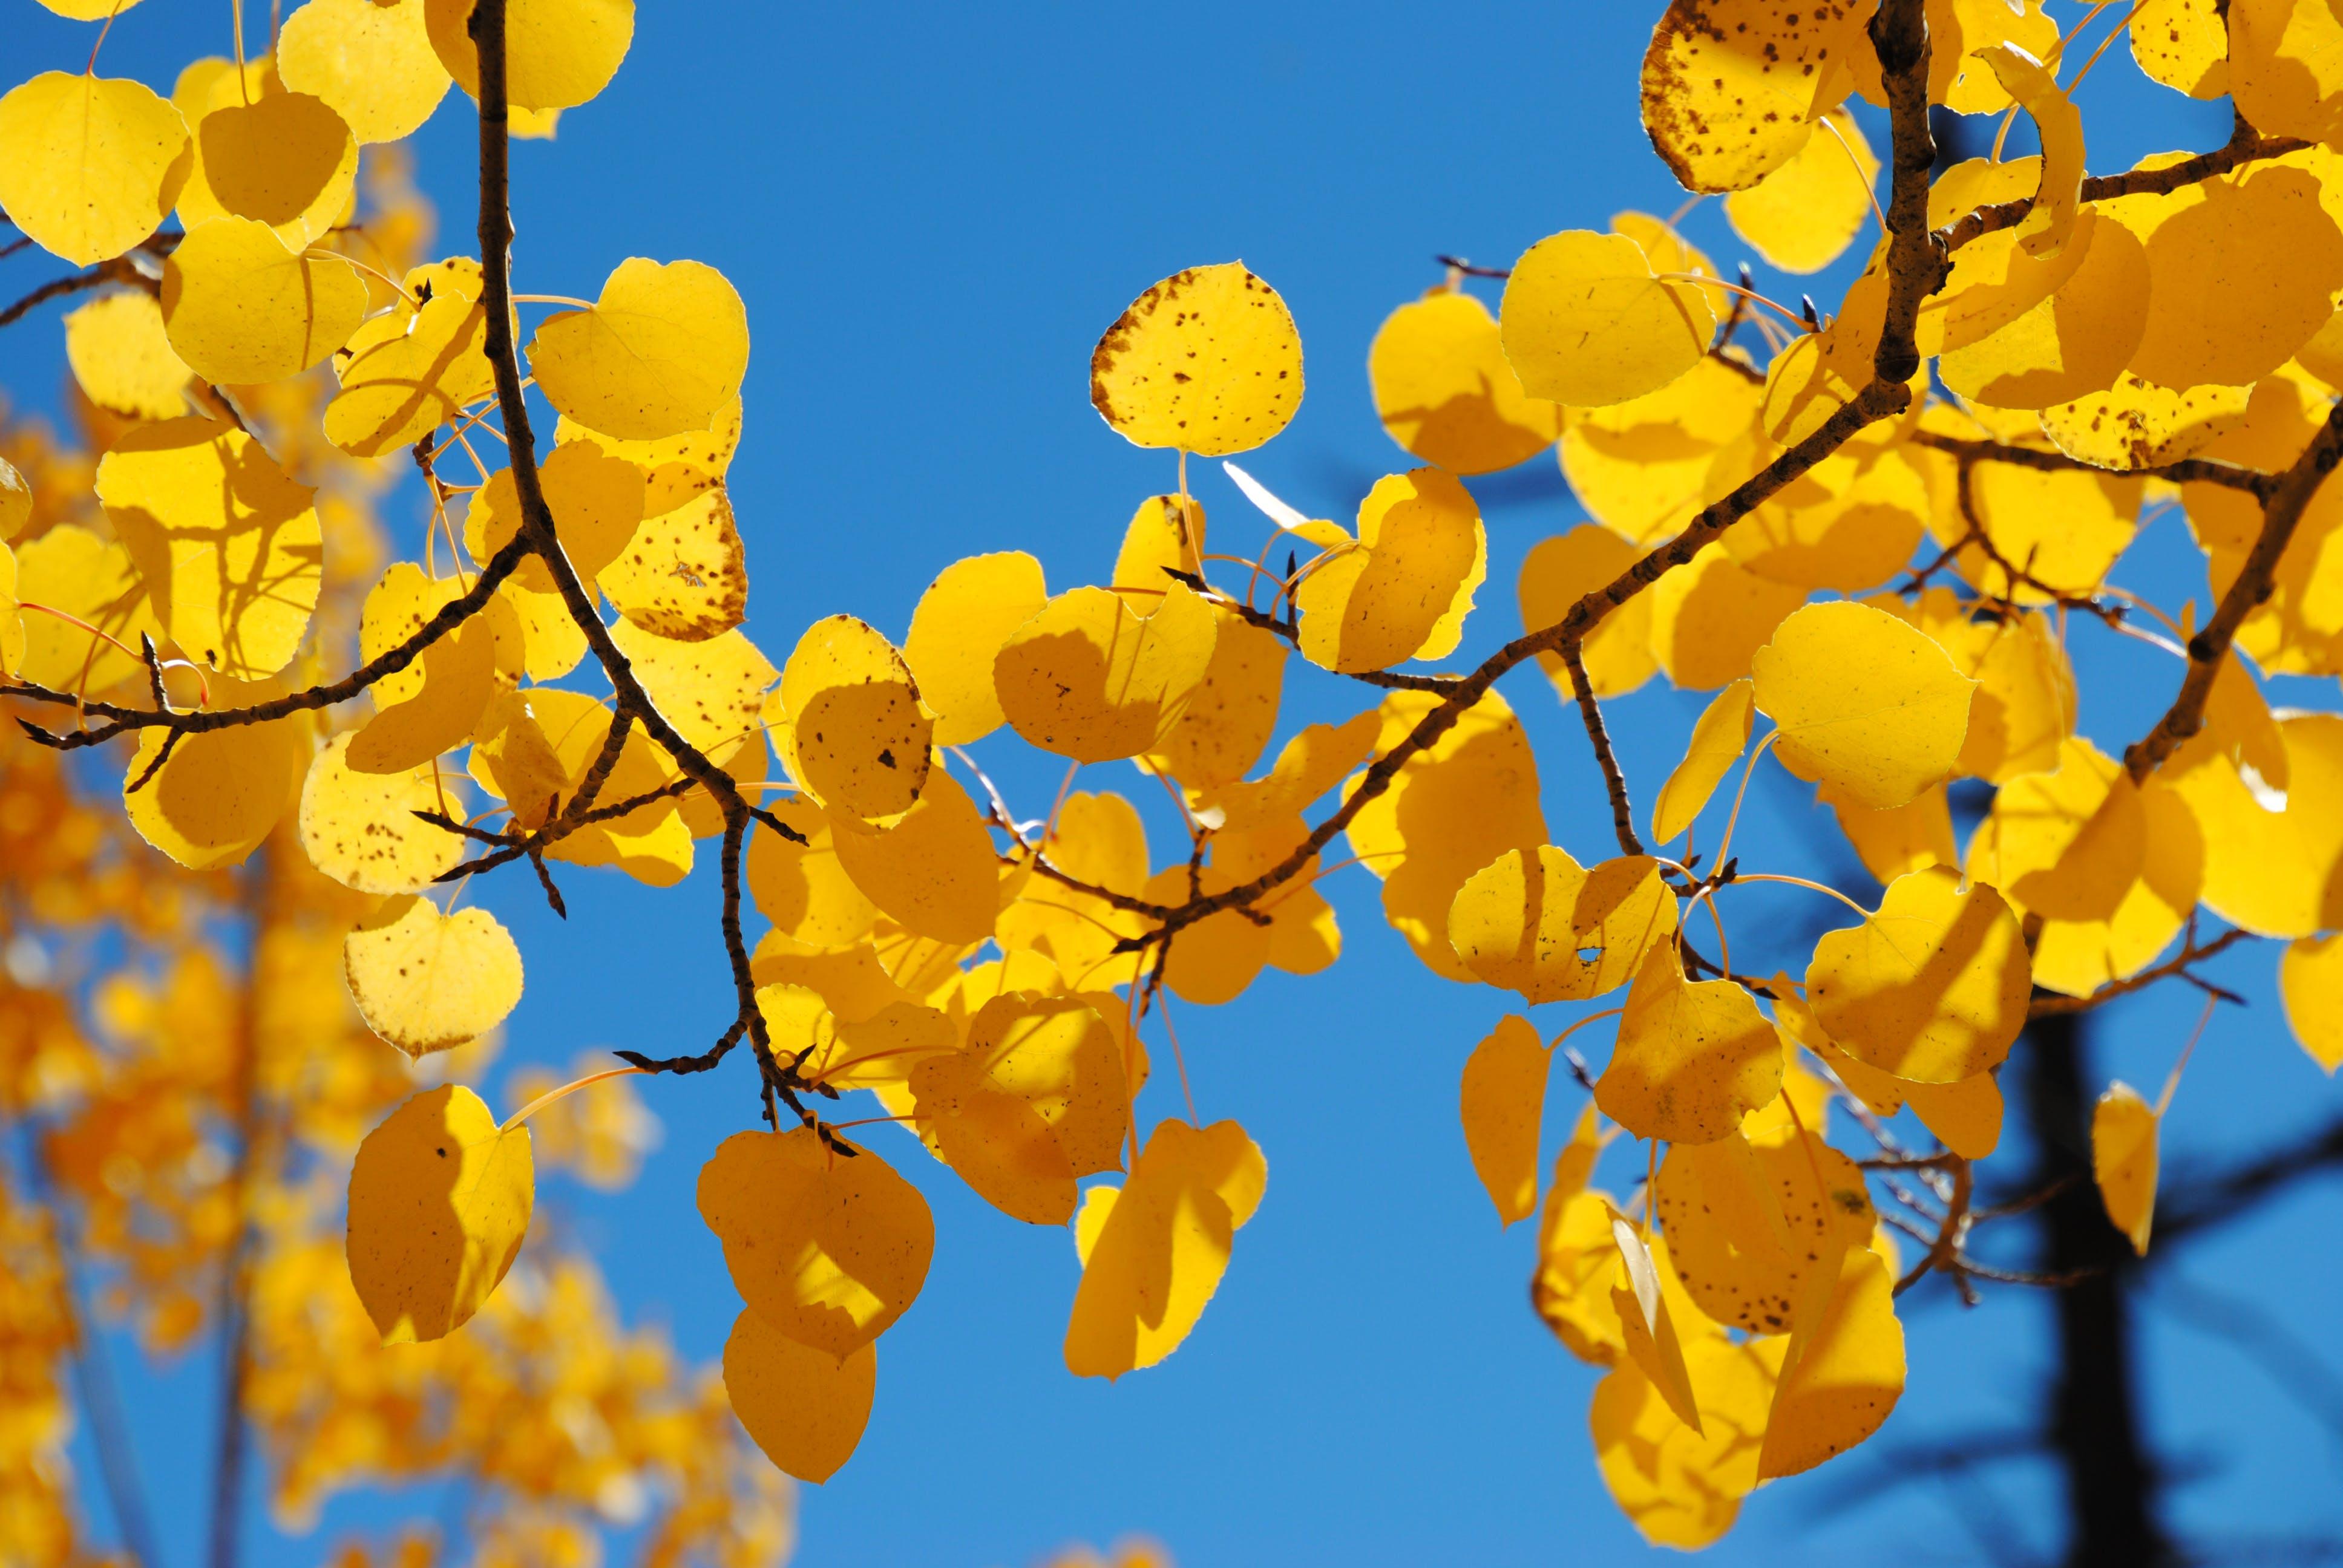 ゴールド, 空, 色落ち, 青の無料の写真素材